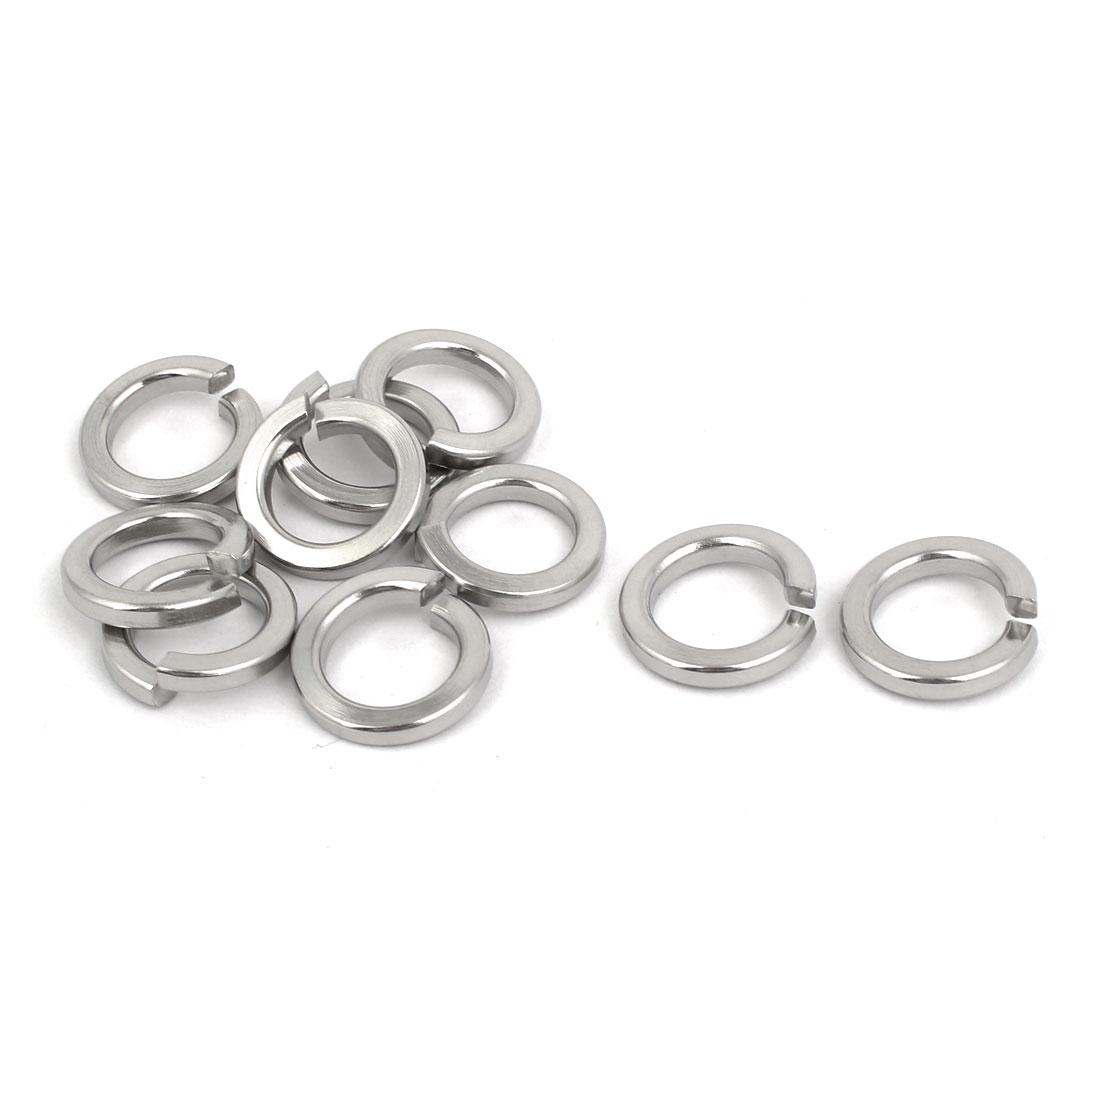 304 Stainless Steel M10 Spring Split Lock Washer Gasket Ring Screw Pad 10pcs